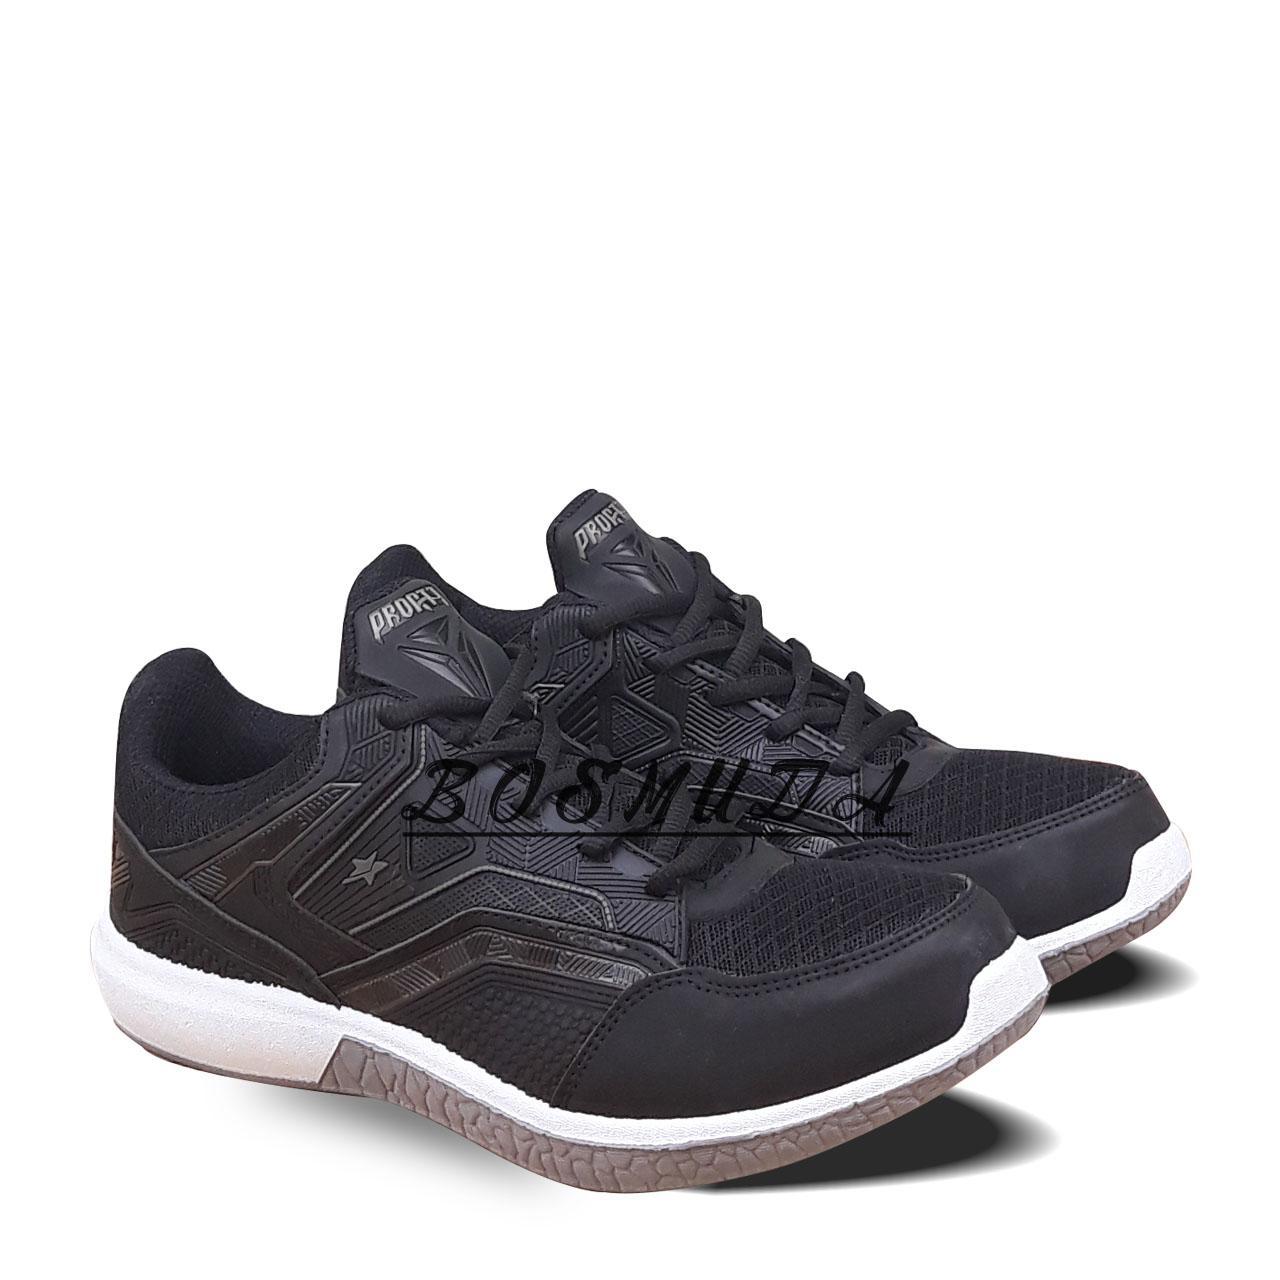 Jual Att Abk380 Sepatu Murah Garansi Dan Berkualitas Id Store Kerja Kuliah Sankyo Saf 1120 Rp 99000